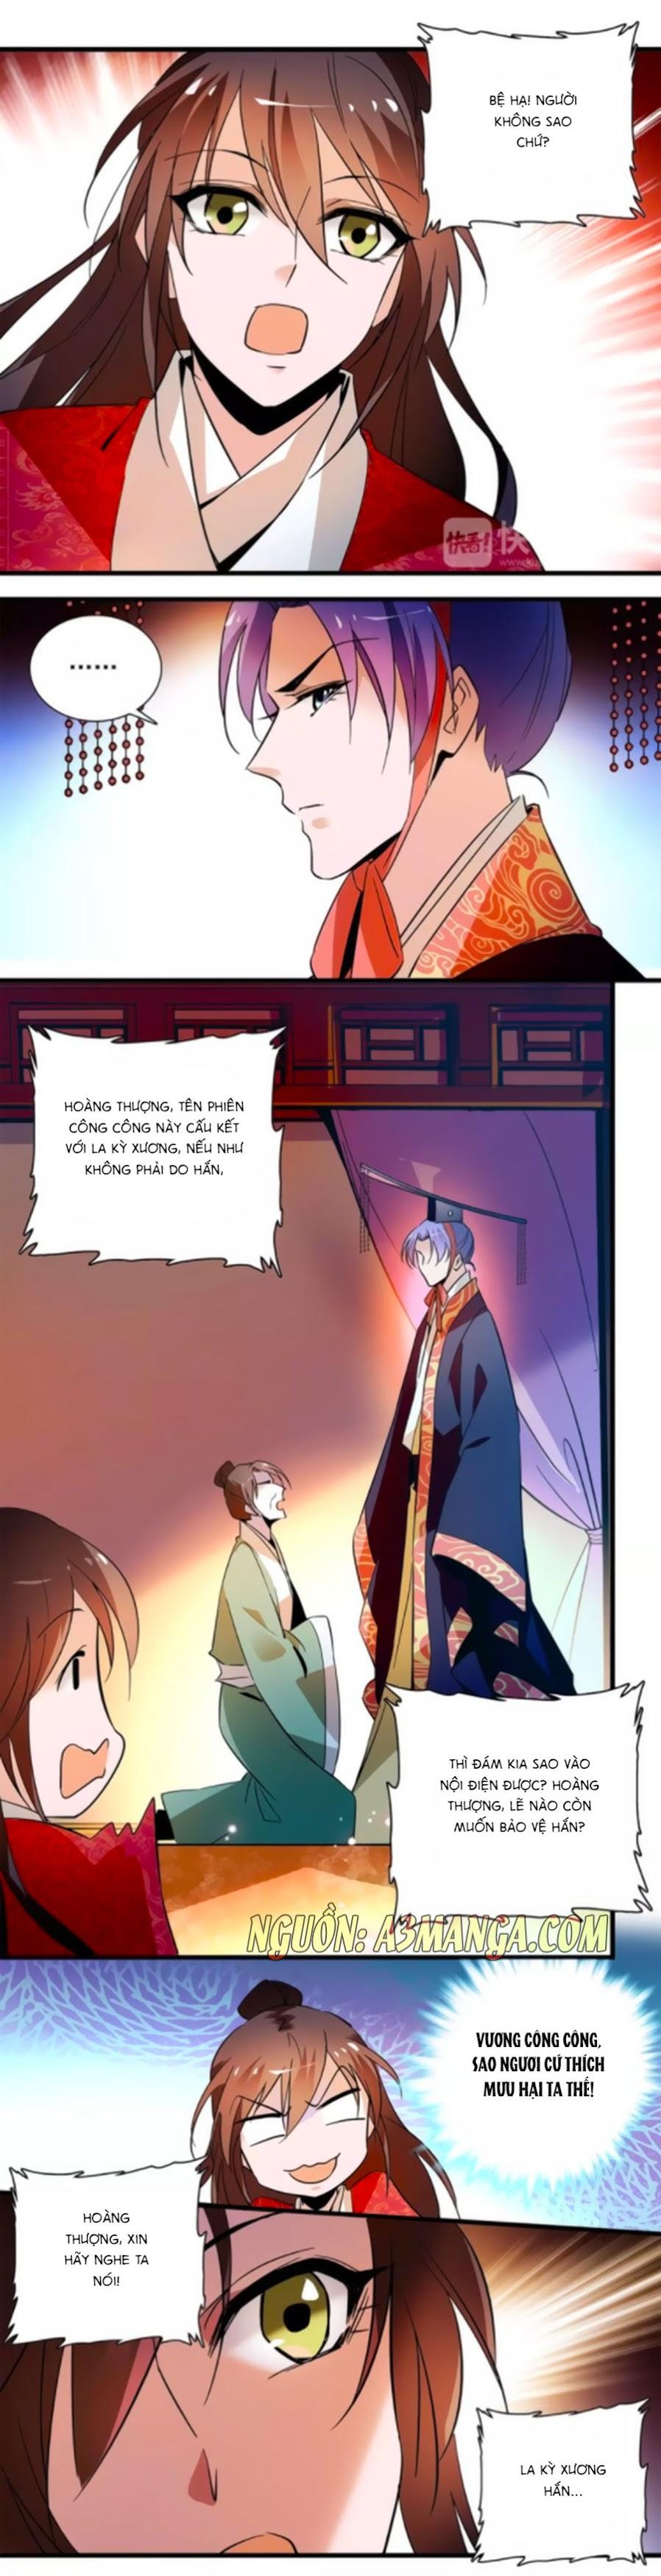 Hoàng Thượng! Hãy Sủng Ái Ta Đi! Chap 71